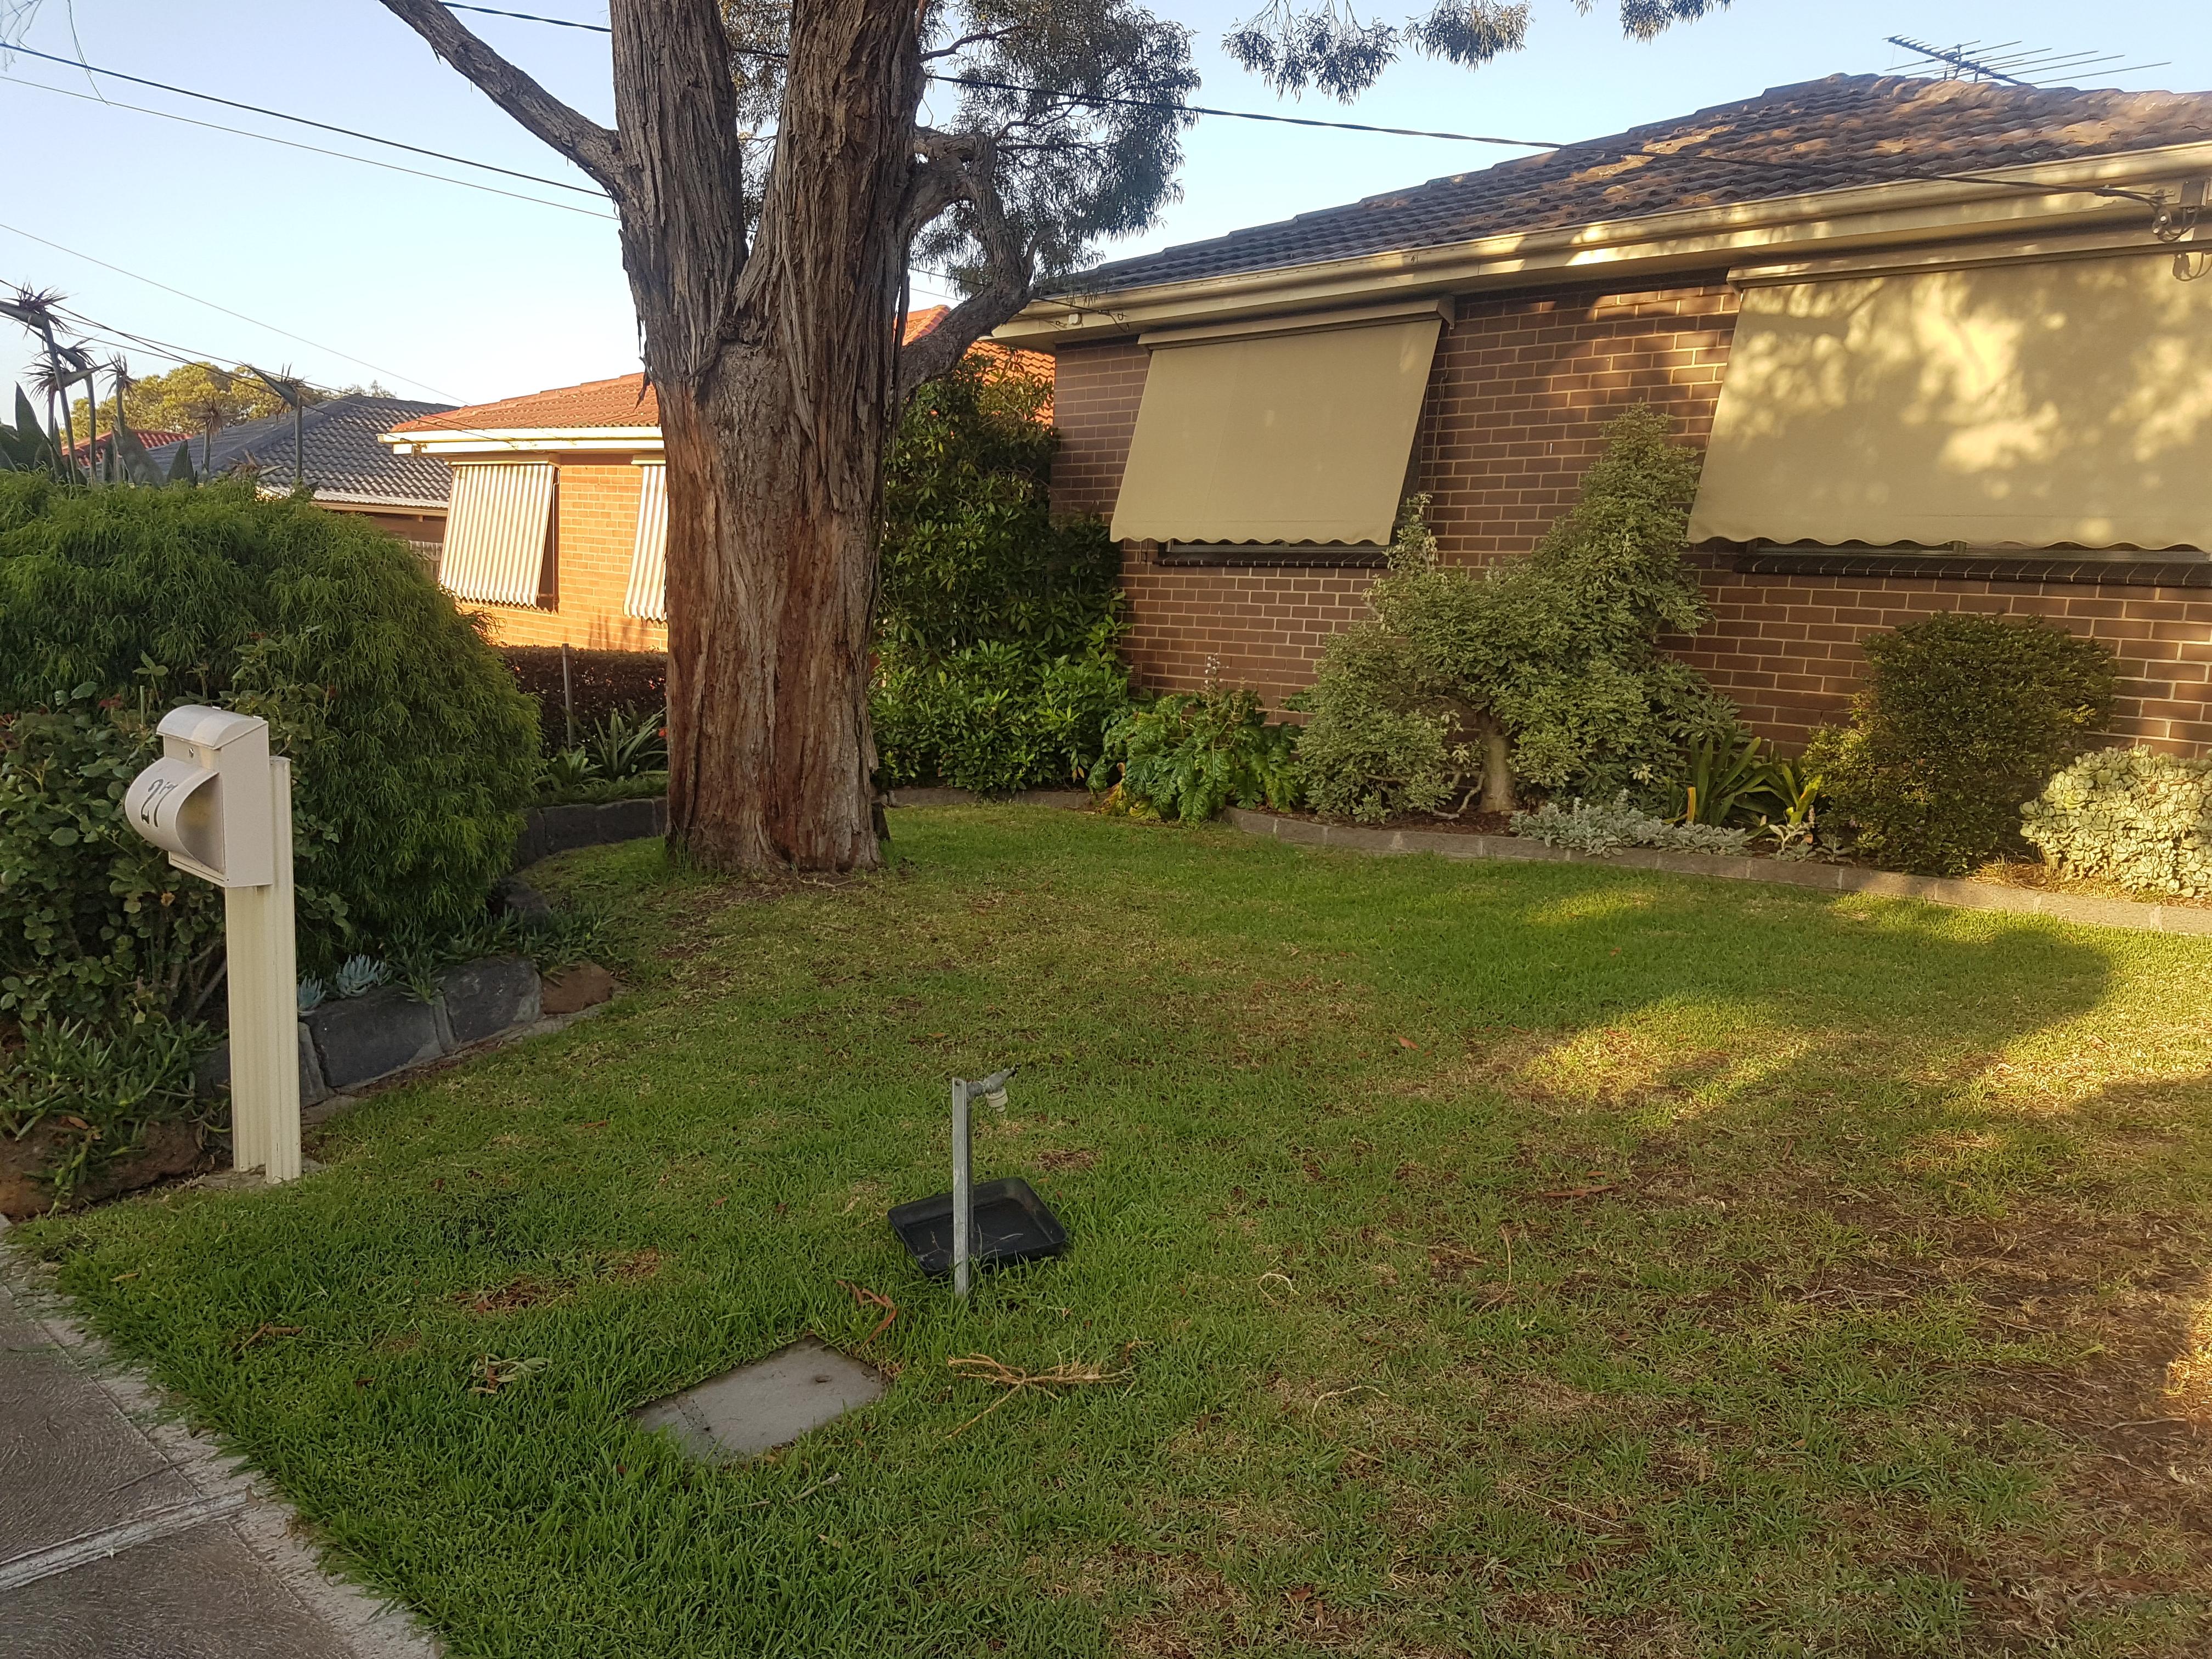 Lawn front garden